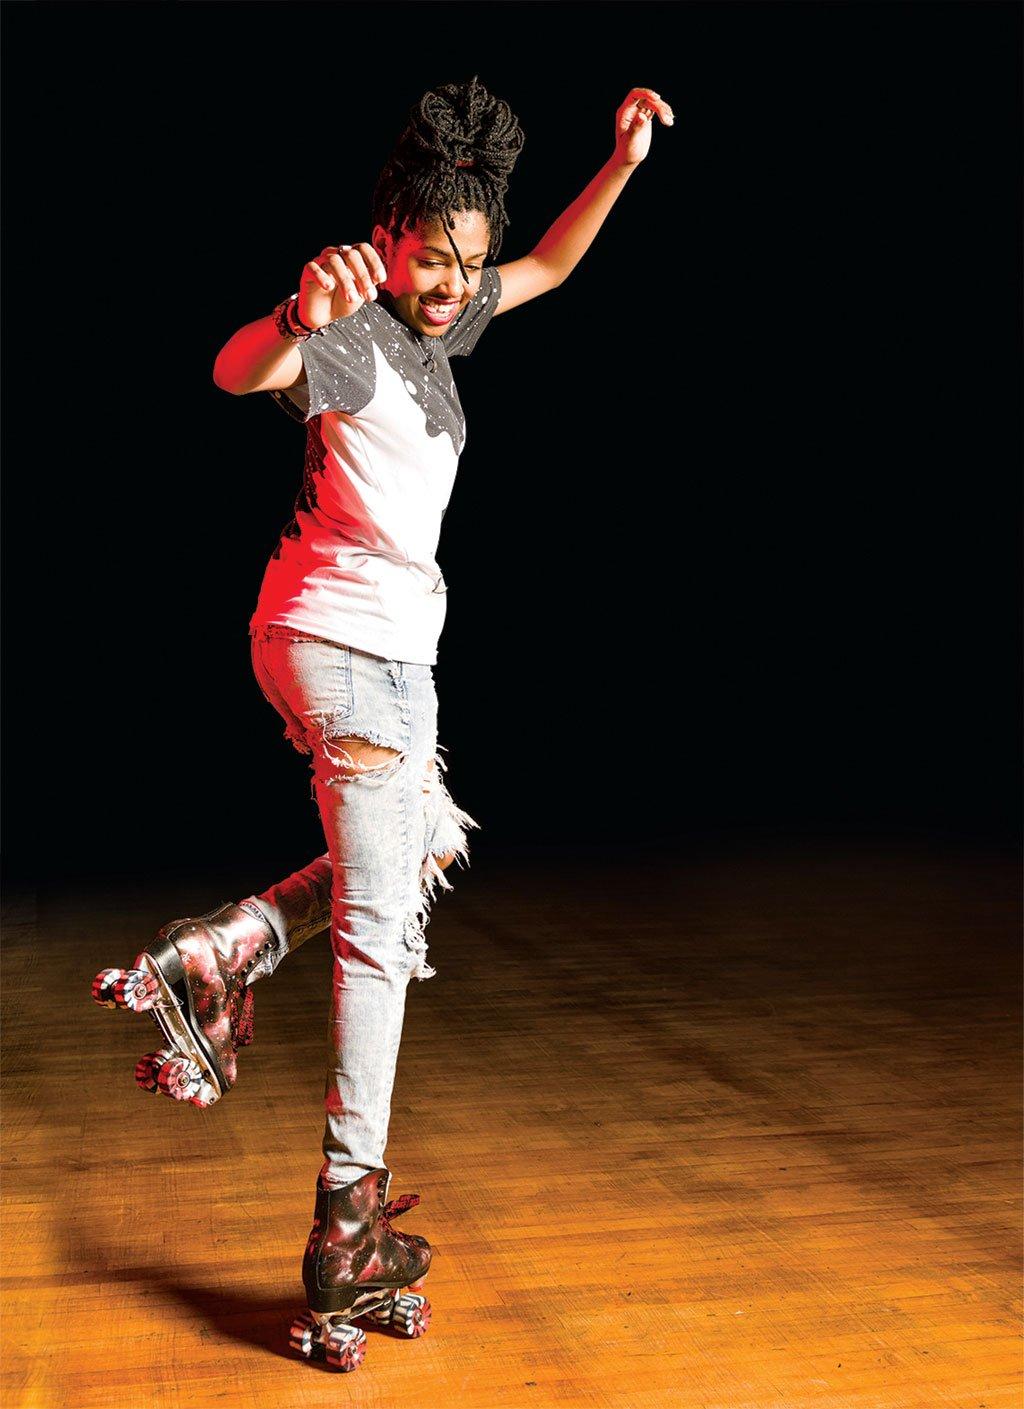 Roller skates dance - Roller Skating Amea Douglas